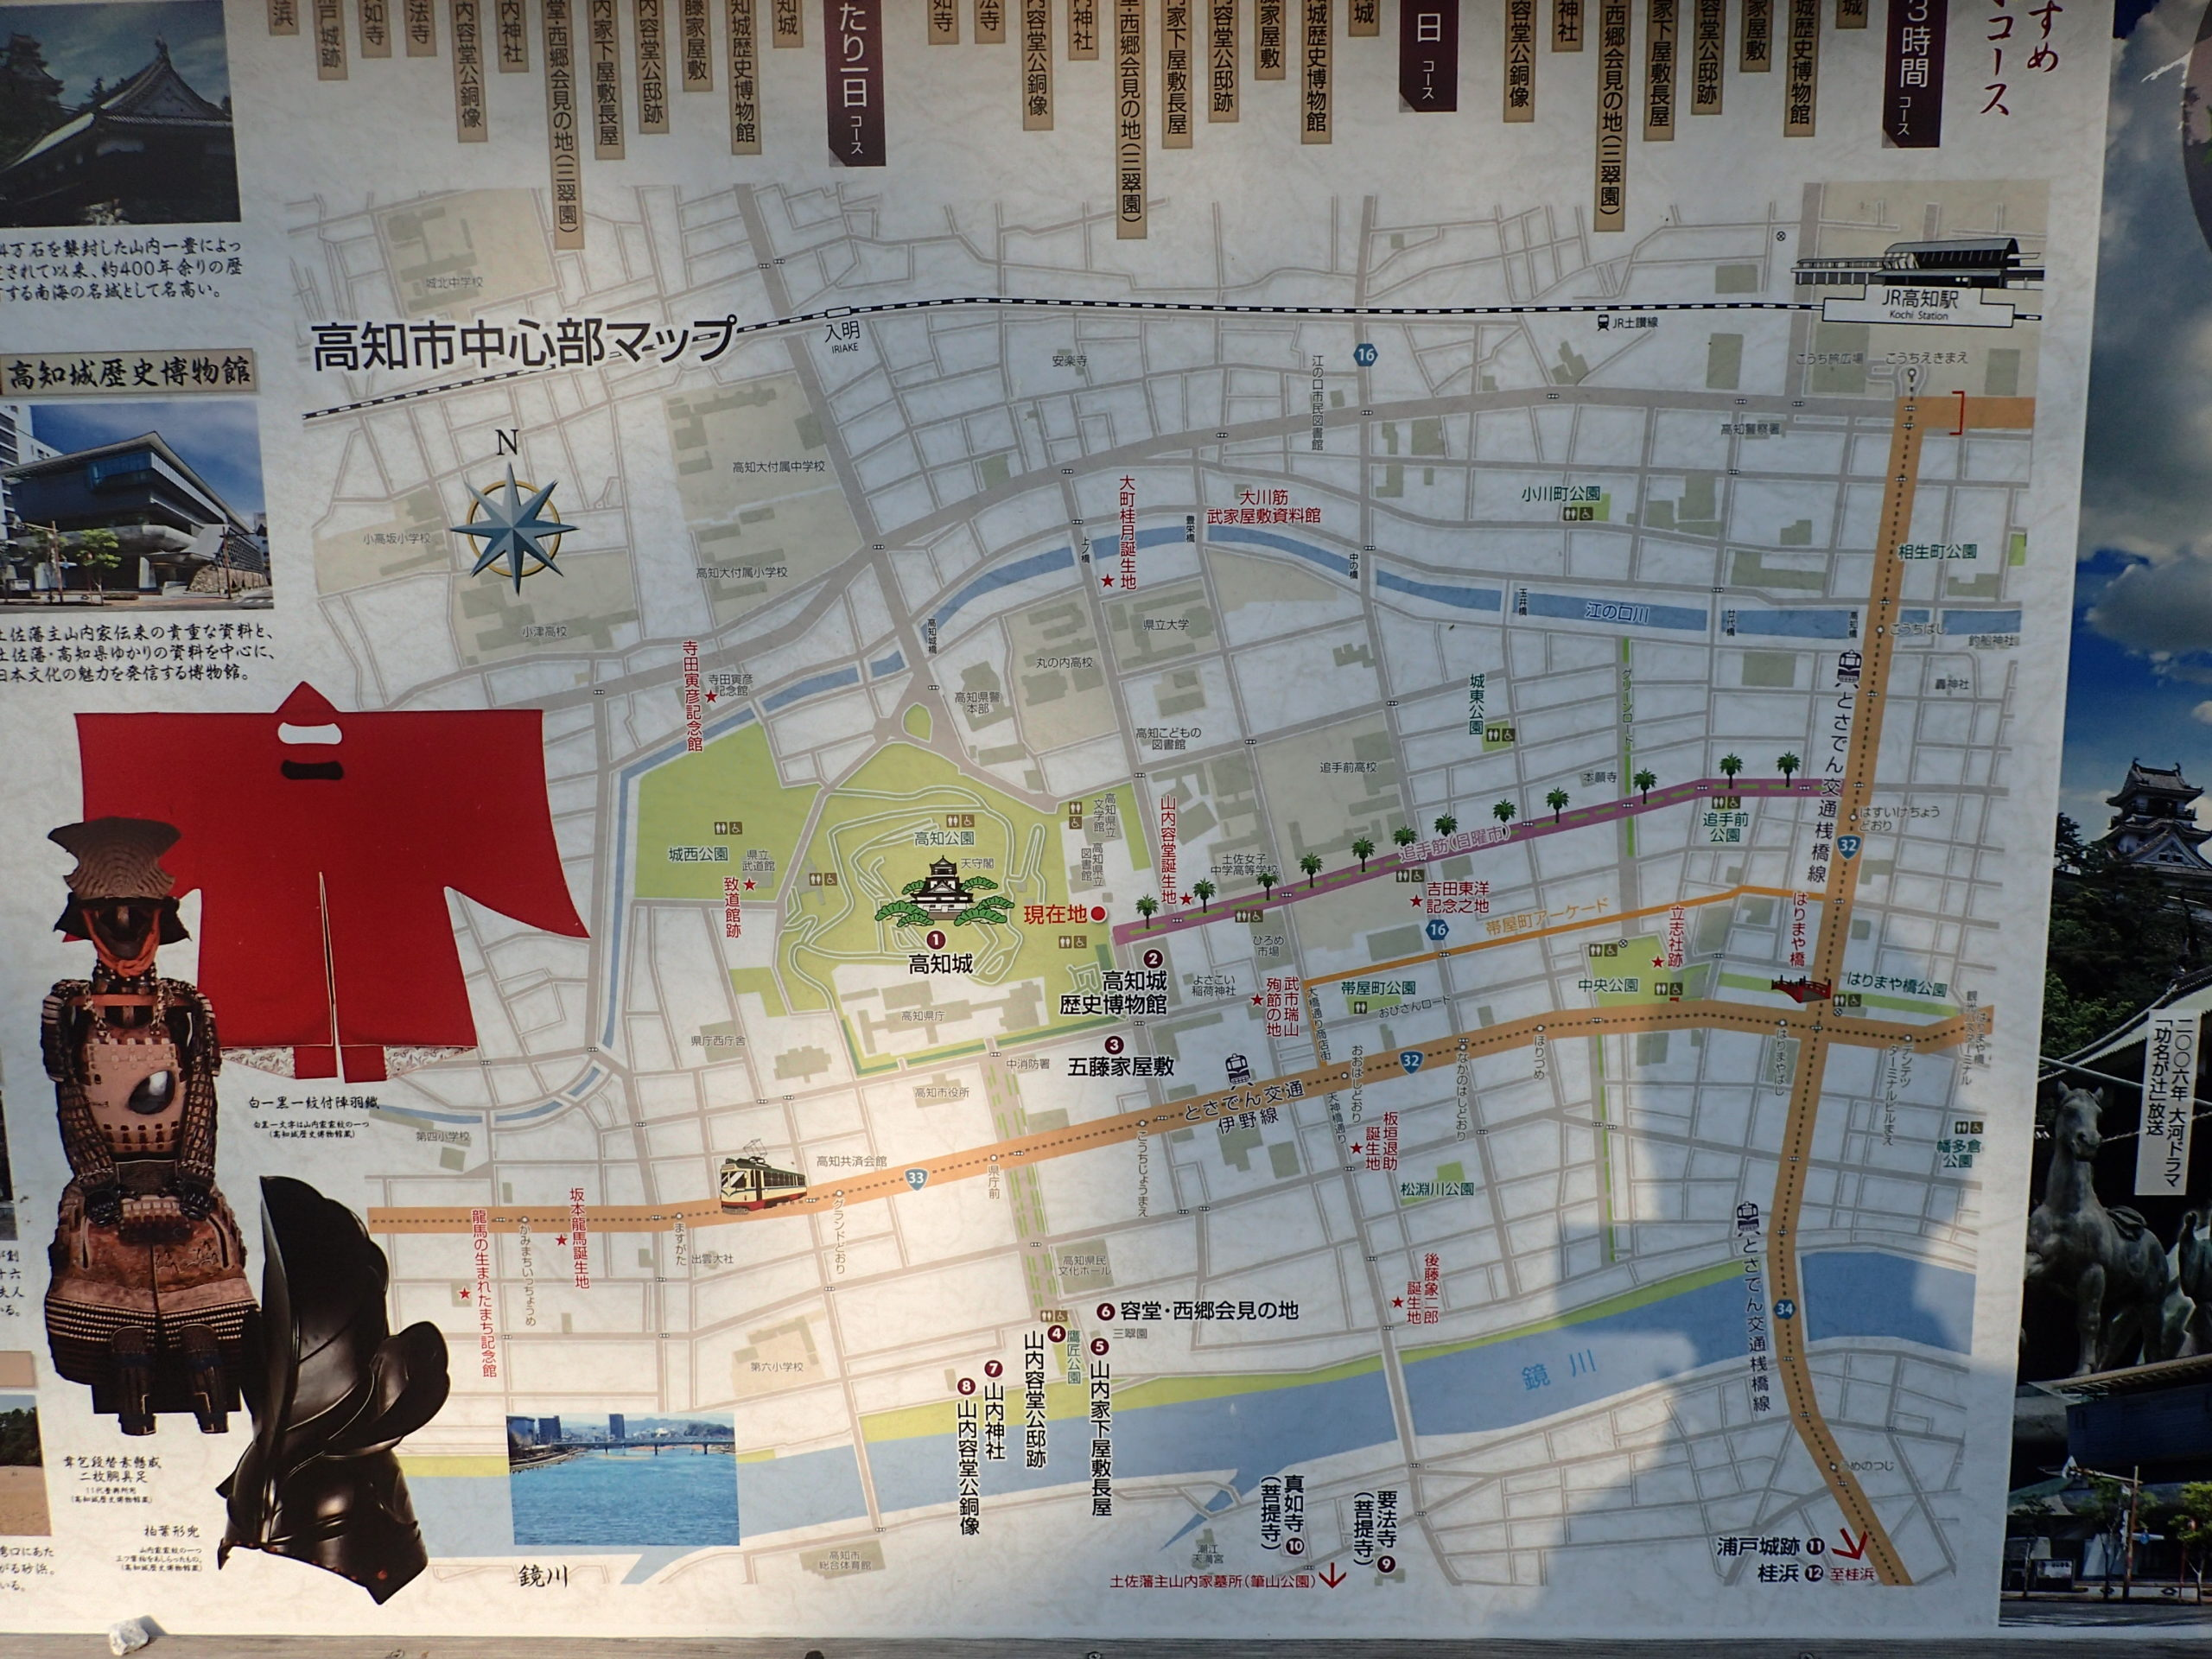 高知市街地図